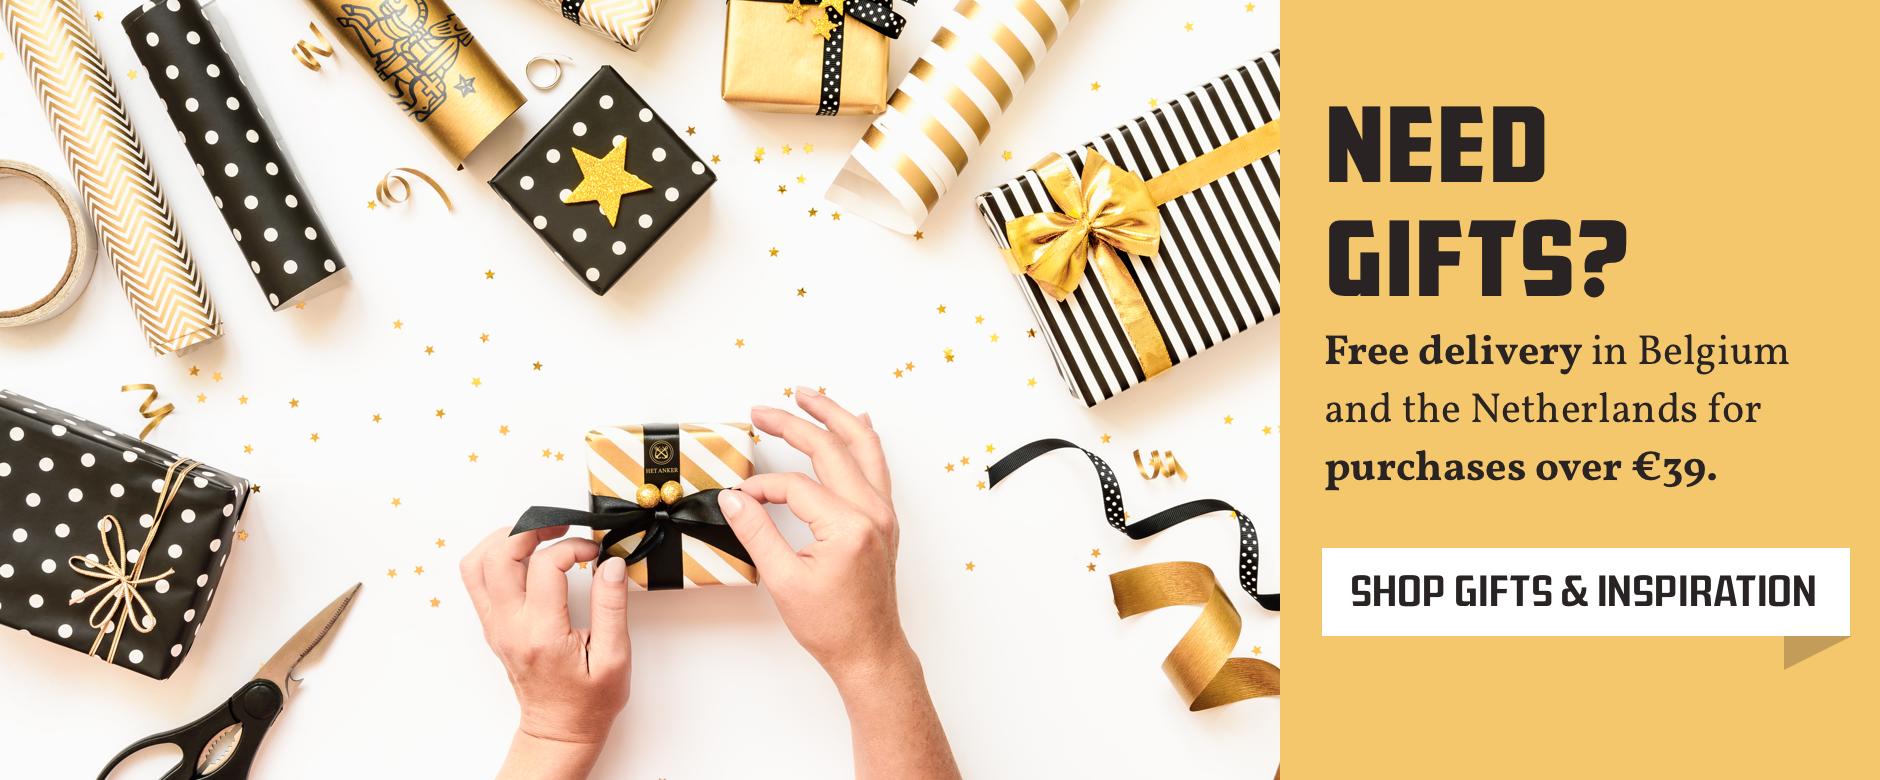 Het Anker cadeautjes en cadeaupapier met een goud thema